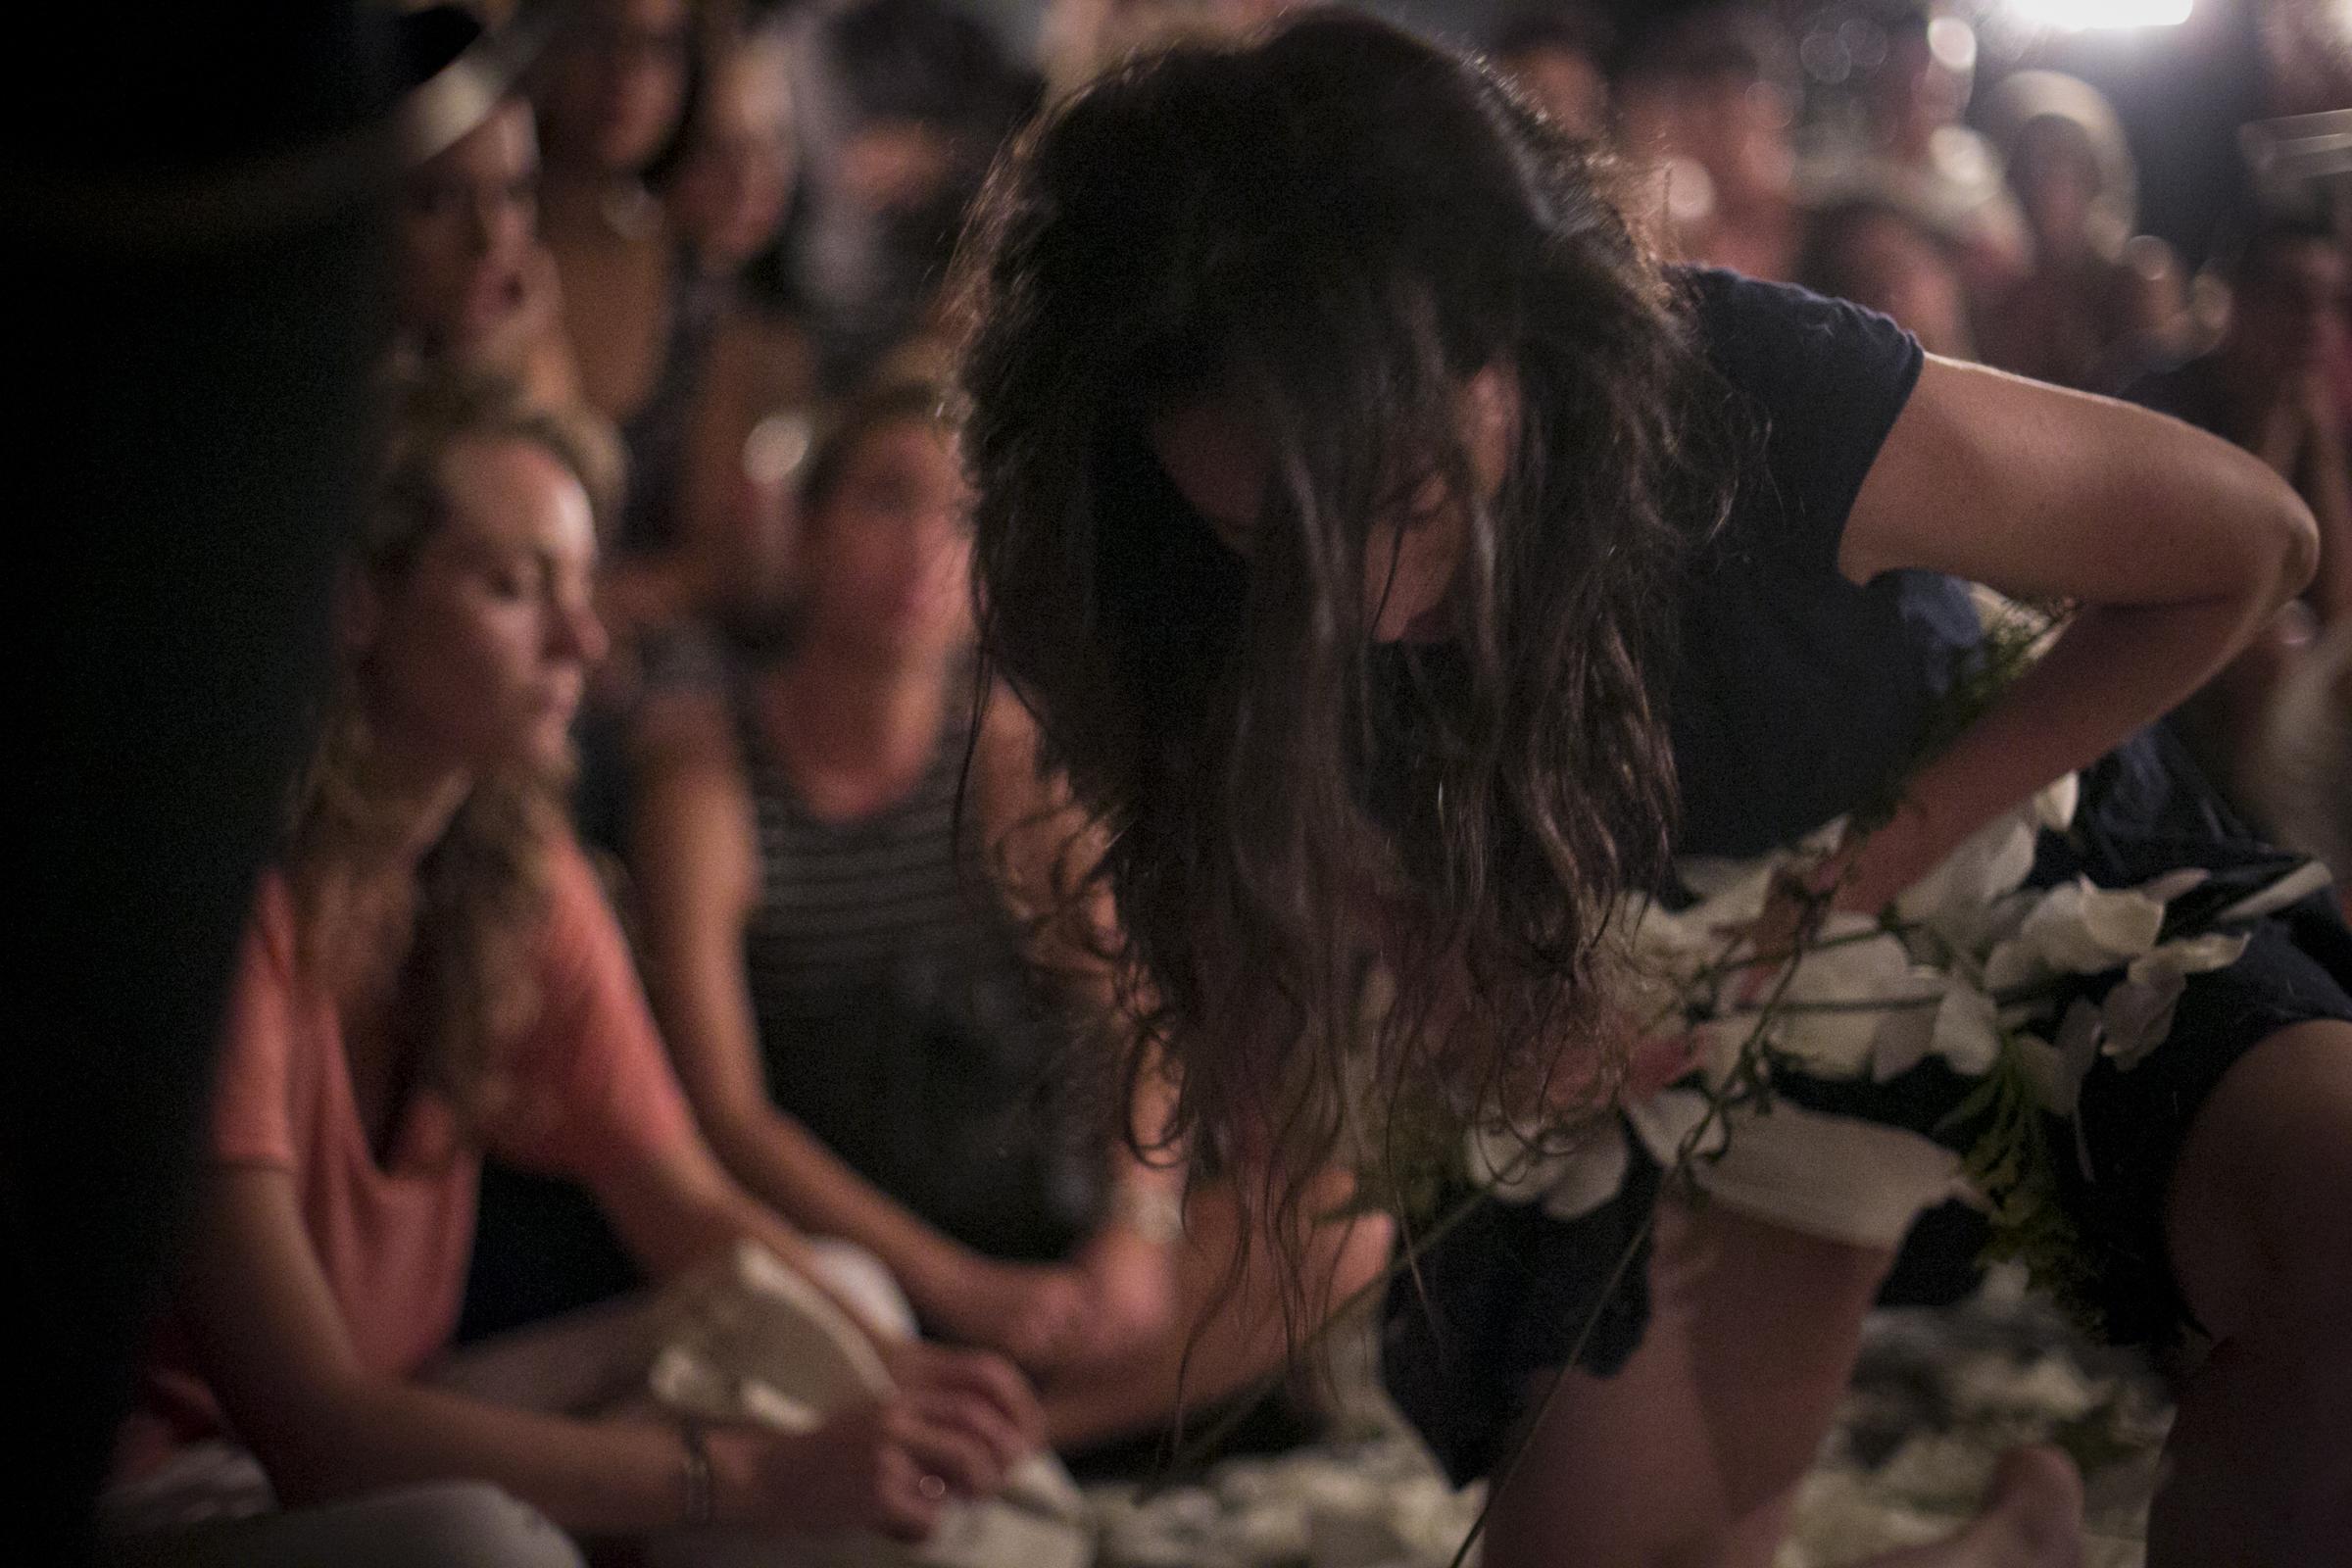 120828_Danielle_Russo_Dance_Ace_Hotel-6197.jpg